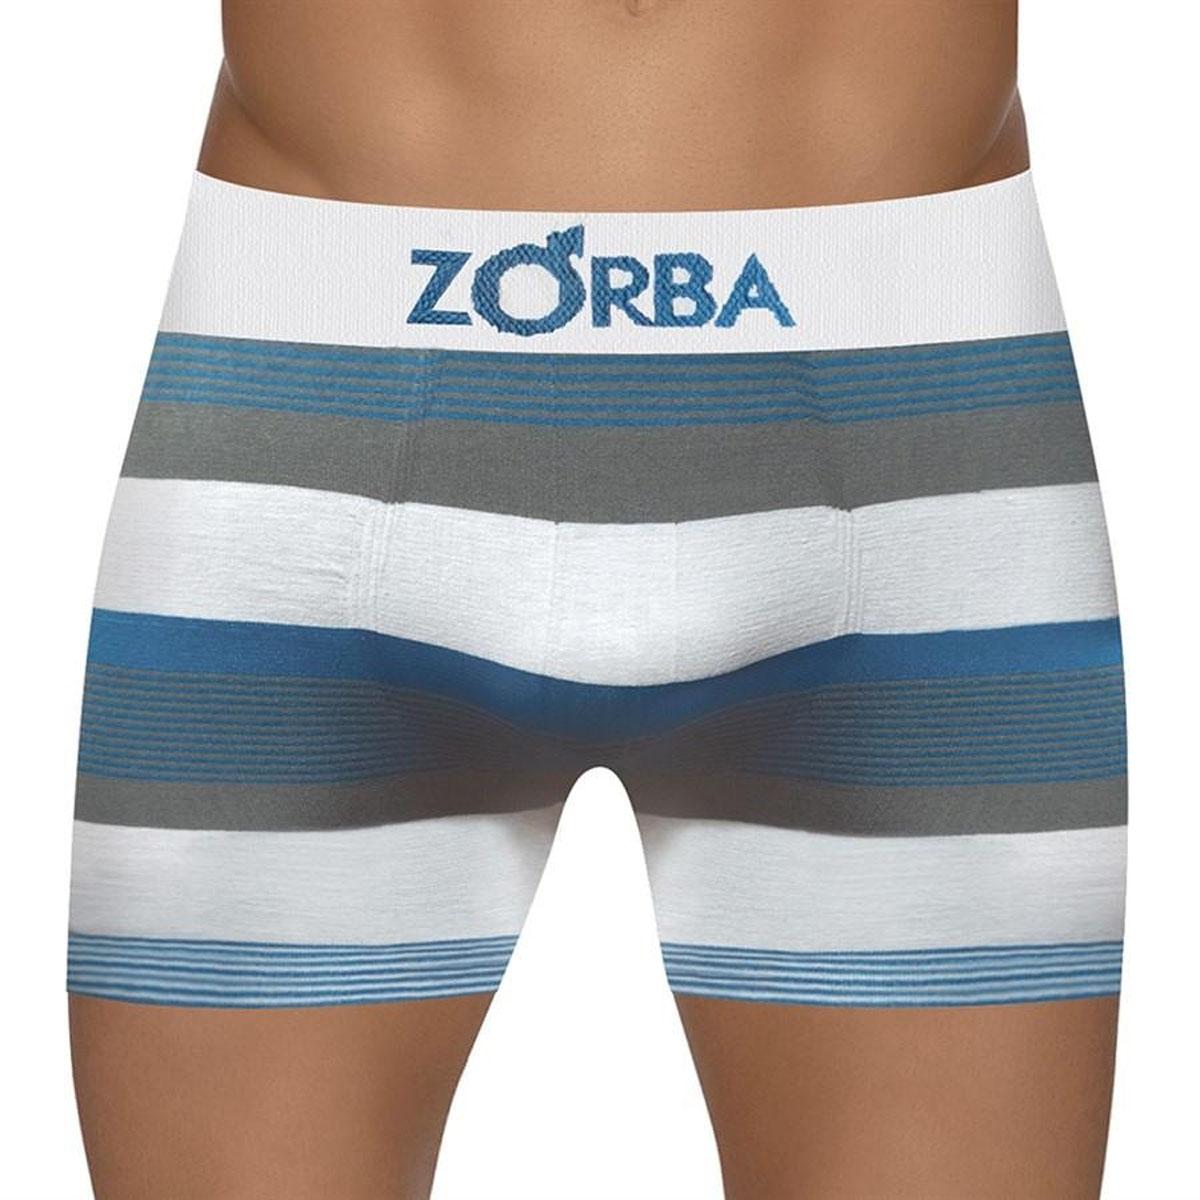 Cueca masculina boxer listrada em algodão Seamless Zorba